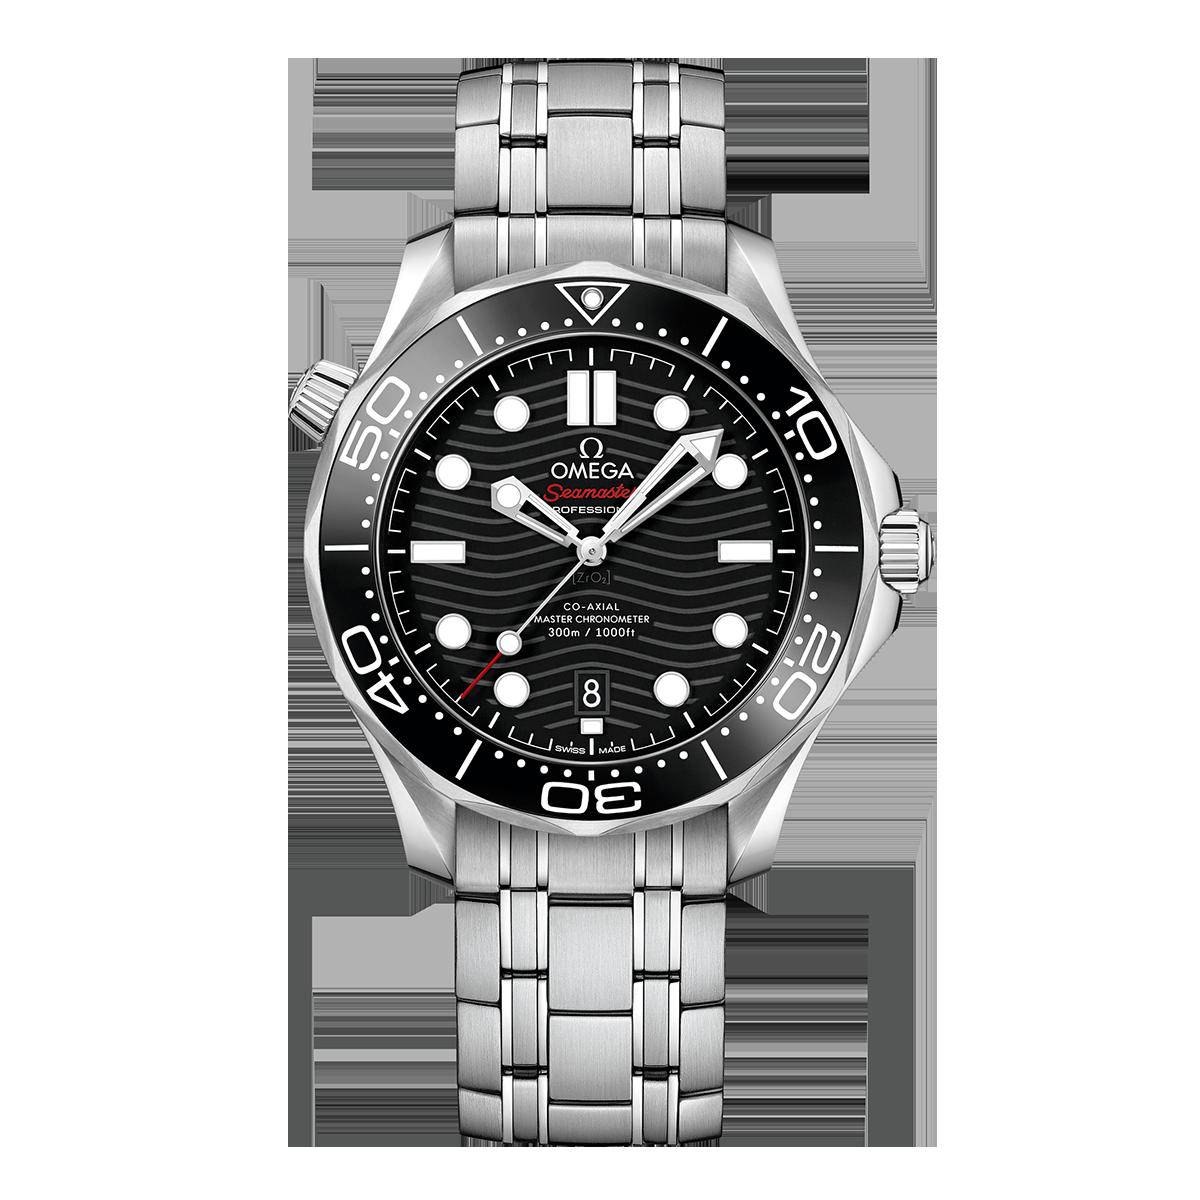 omega-seamaster-diver-300m-omega-co-axial-42-mm-21030422001001-1_hos Jarl Sandin